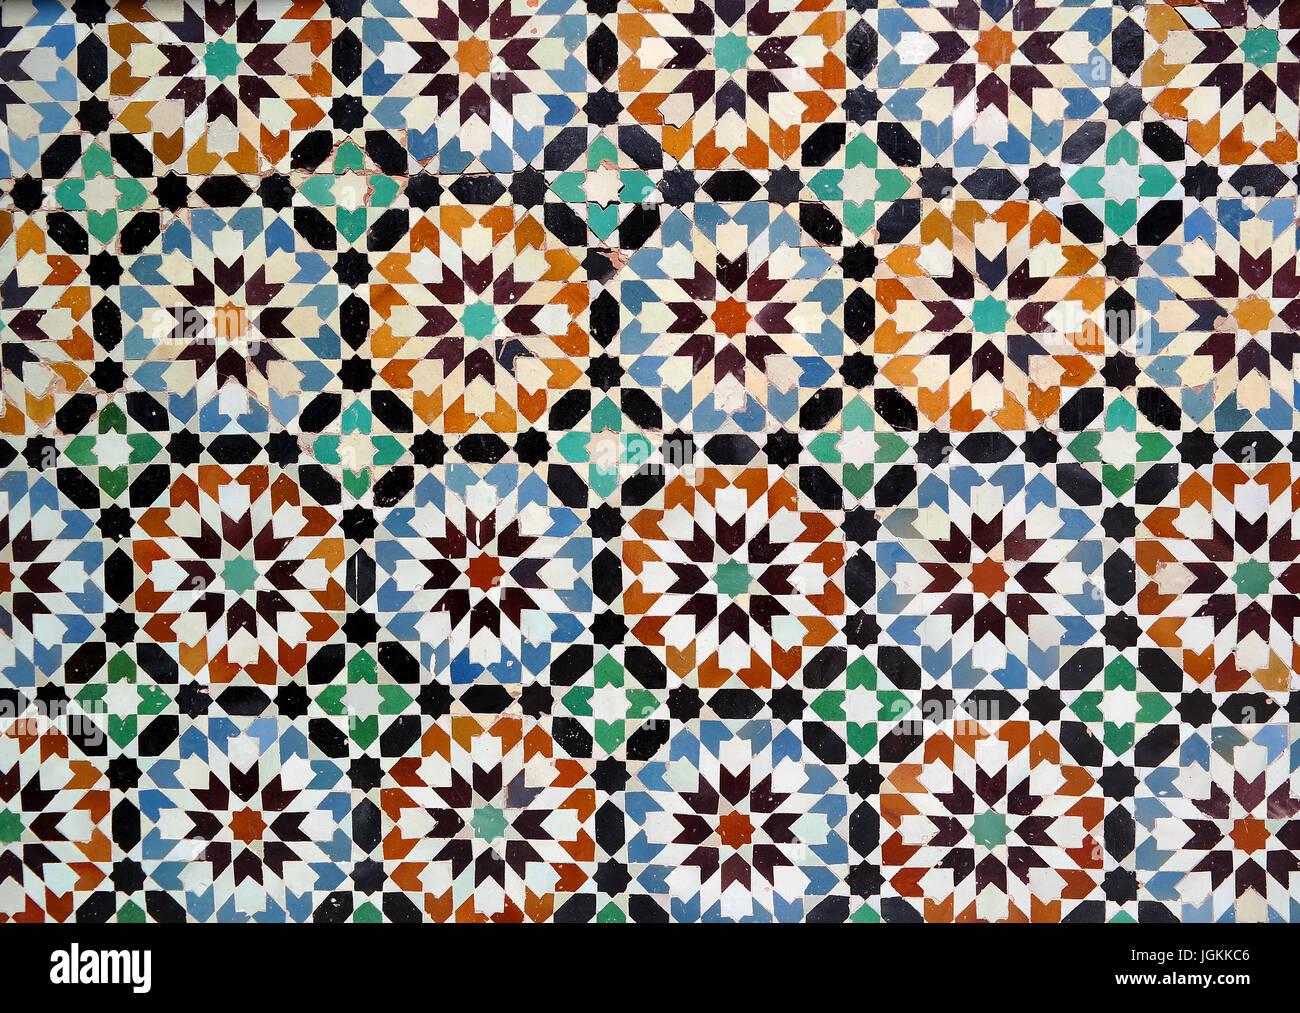 Tradizionali piastrelle a mosaico noto come zellige in marocco foto